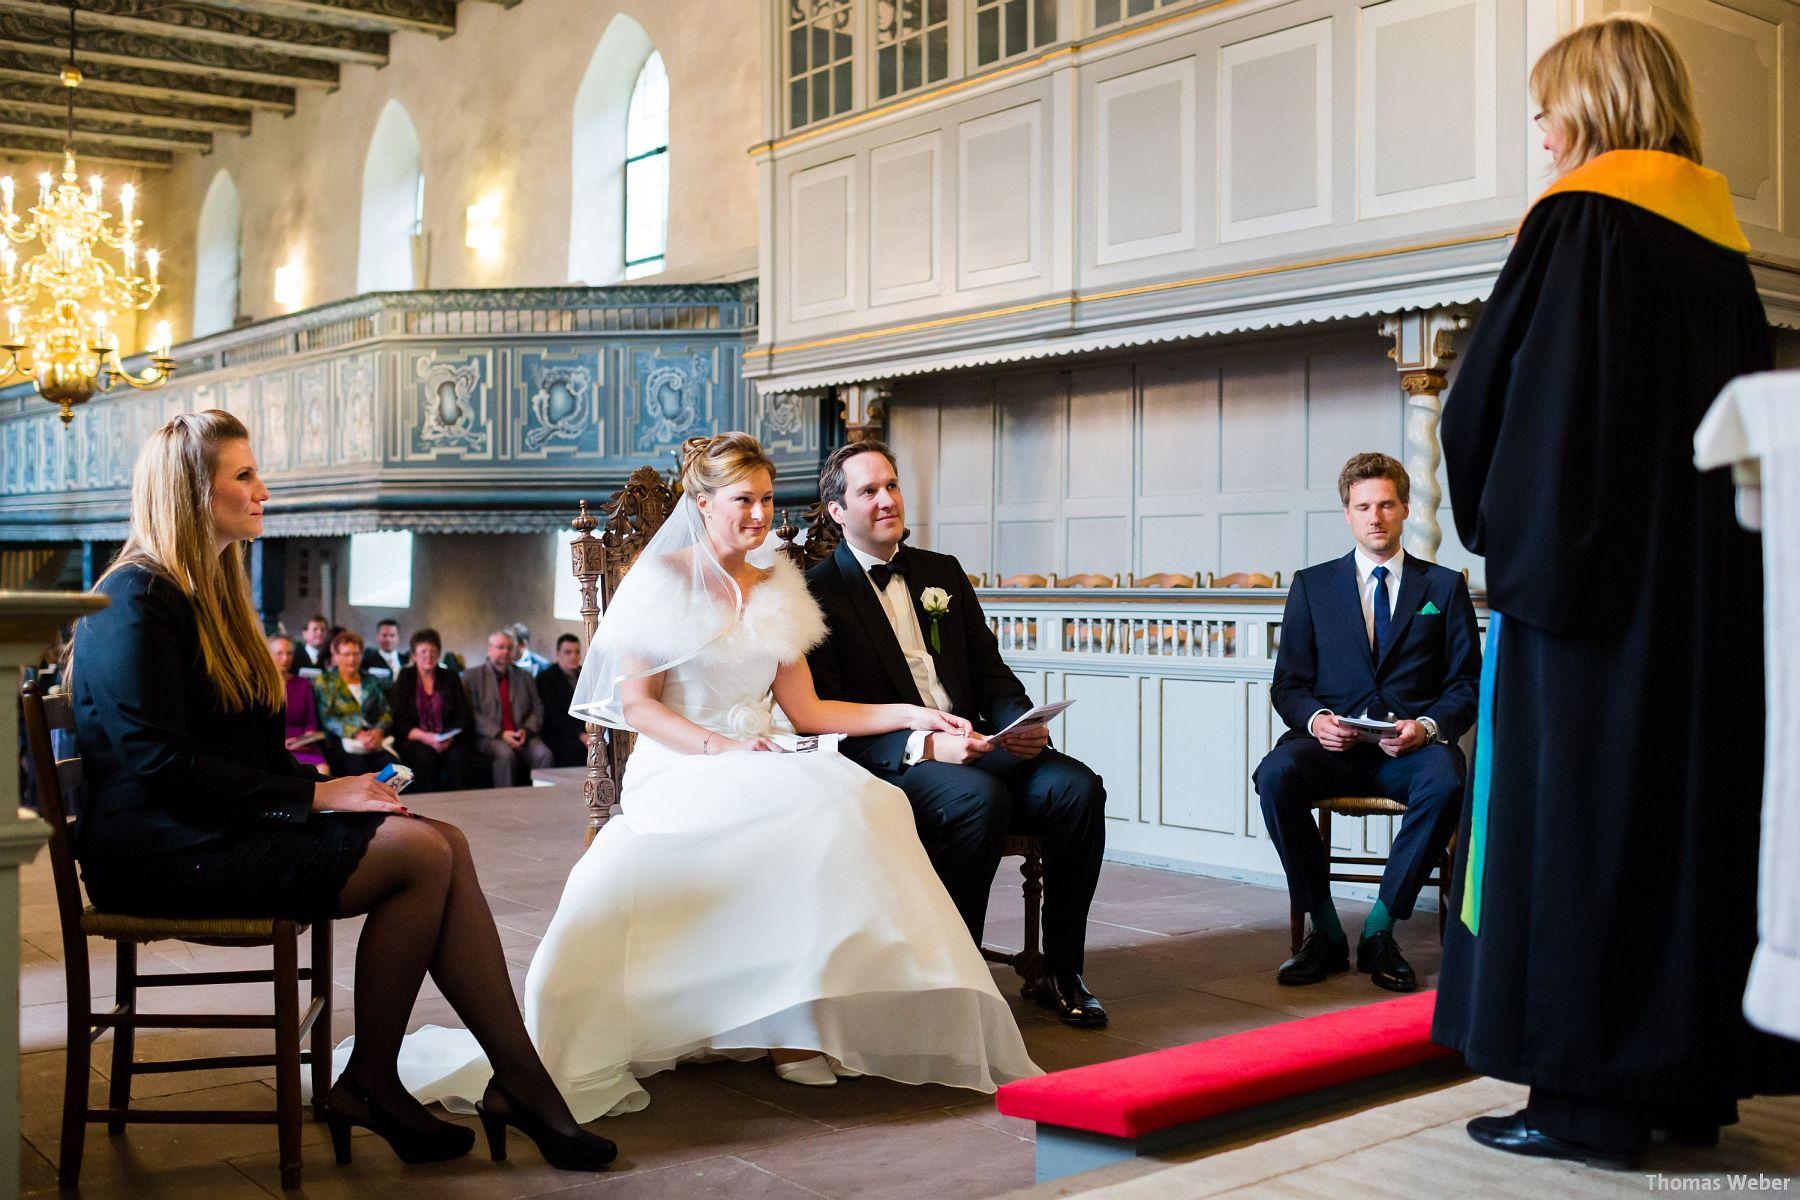 Hochzeitsfotograf Rastede: Kirchliche Trauung in der St. Ulrichs Kirche Rastede und Hochzeitsfeier in der Eventscheune St Georg Rastede mit dem Catering von Michael Niebuhr aus Oldenburg (18)